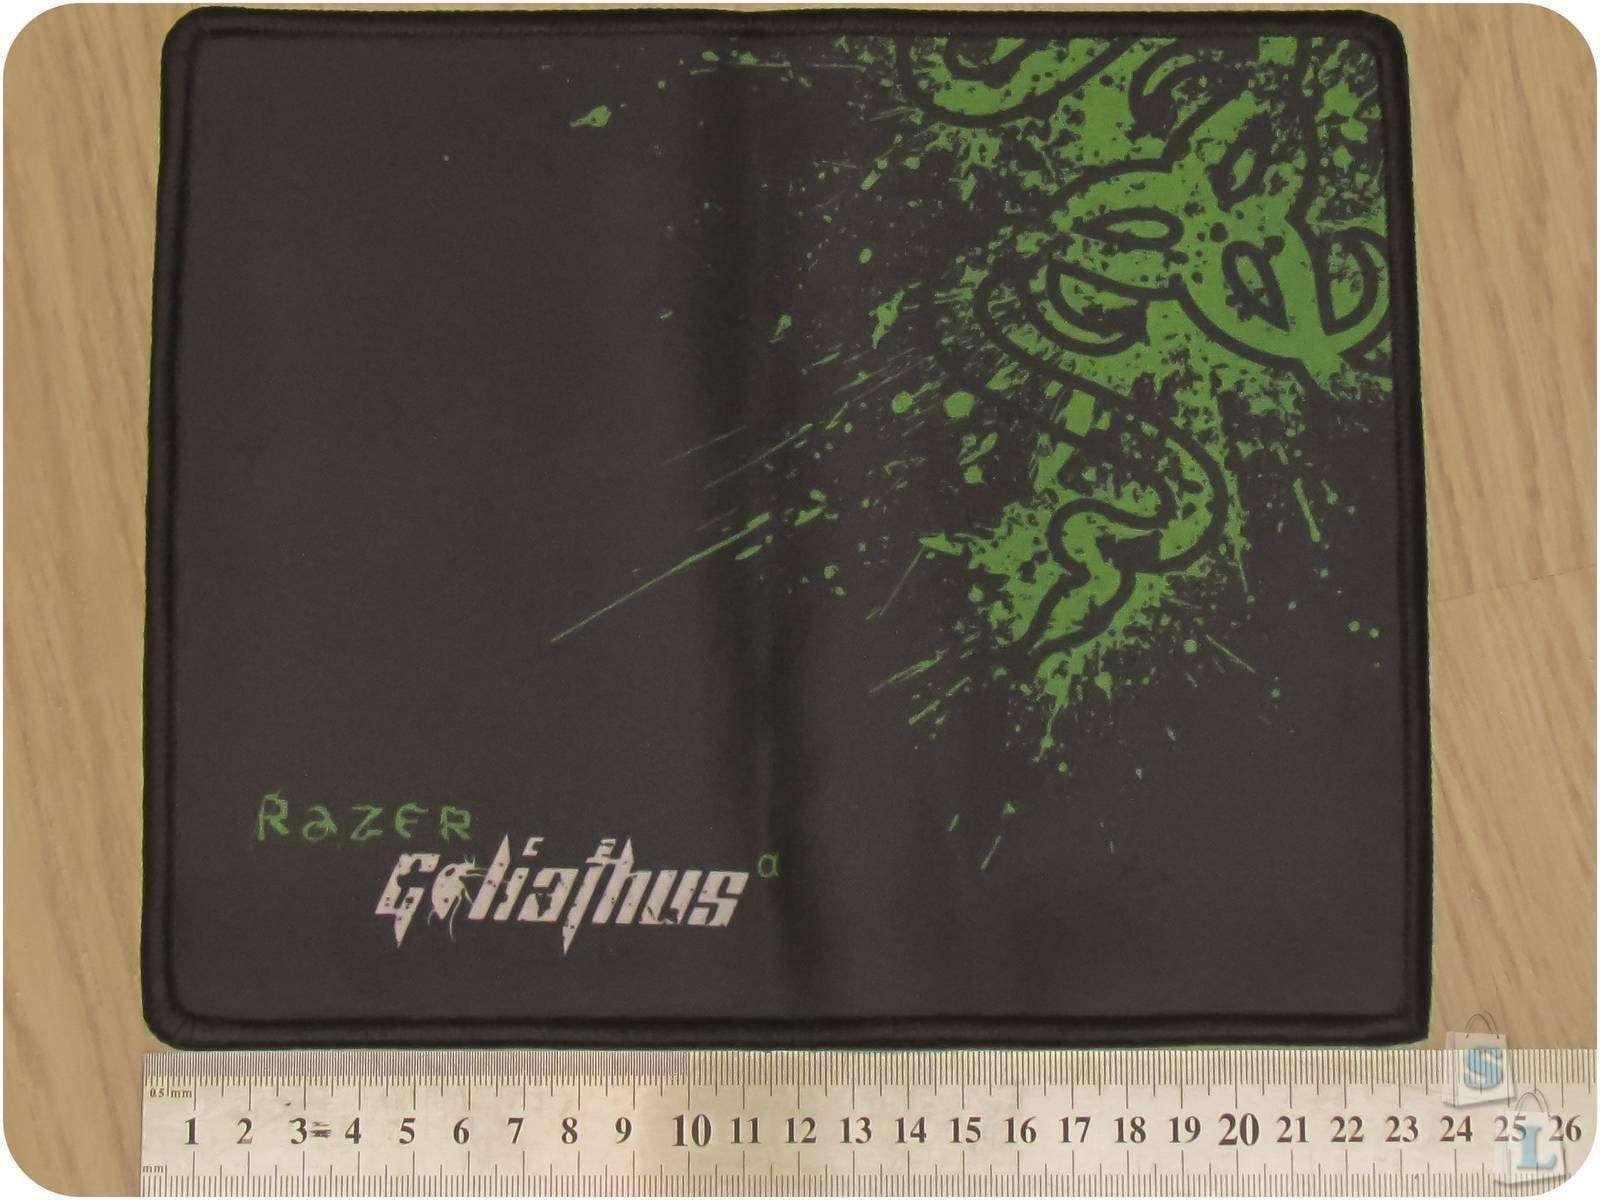 Aliexpress: Парочка классных ковриков Razer Goliathus для мышки с распродажи